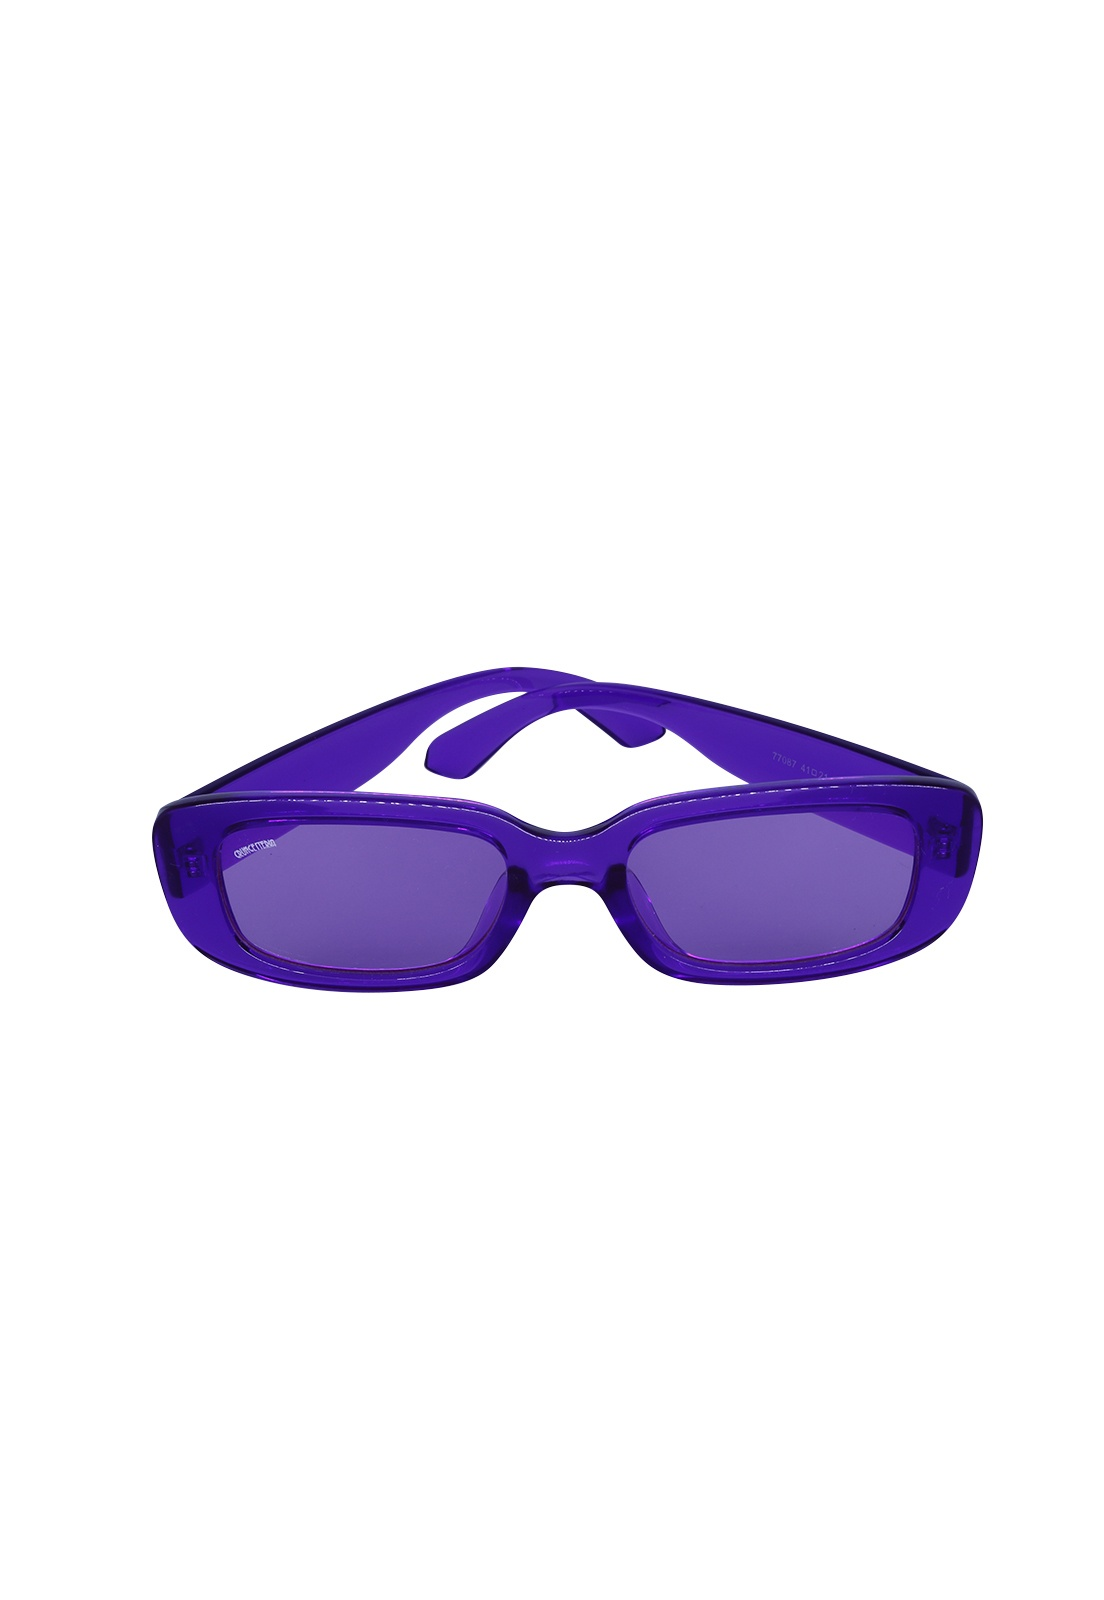 Óculos de Sol Grungetteria Fresh Ametista